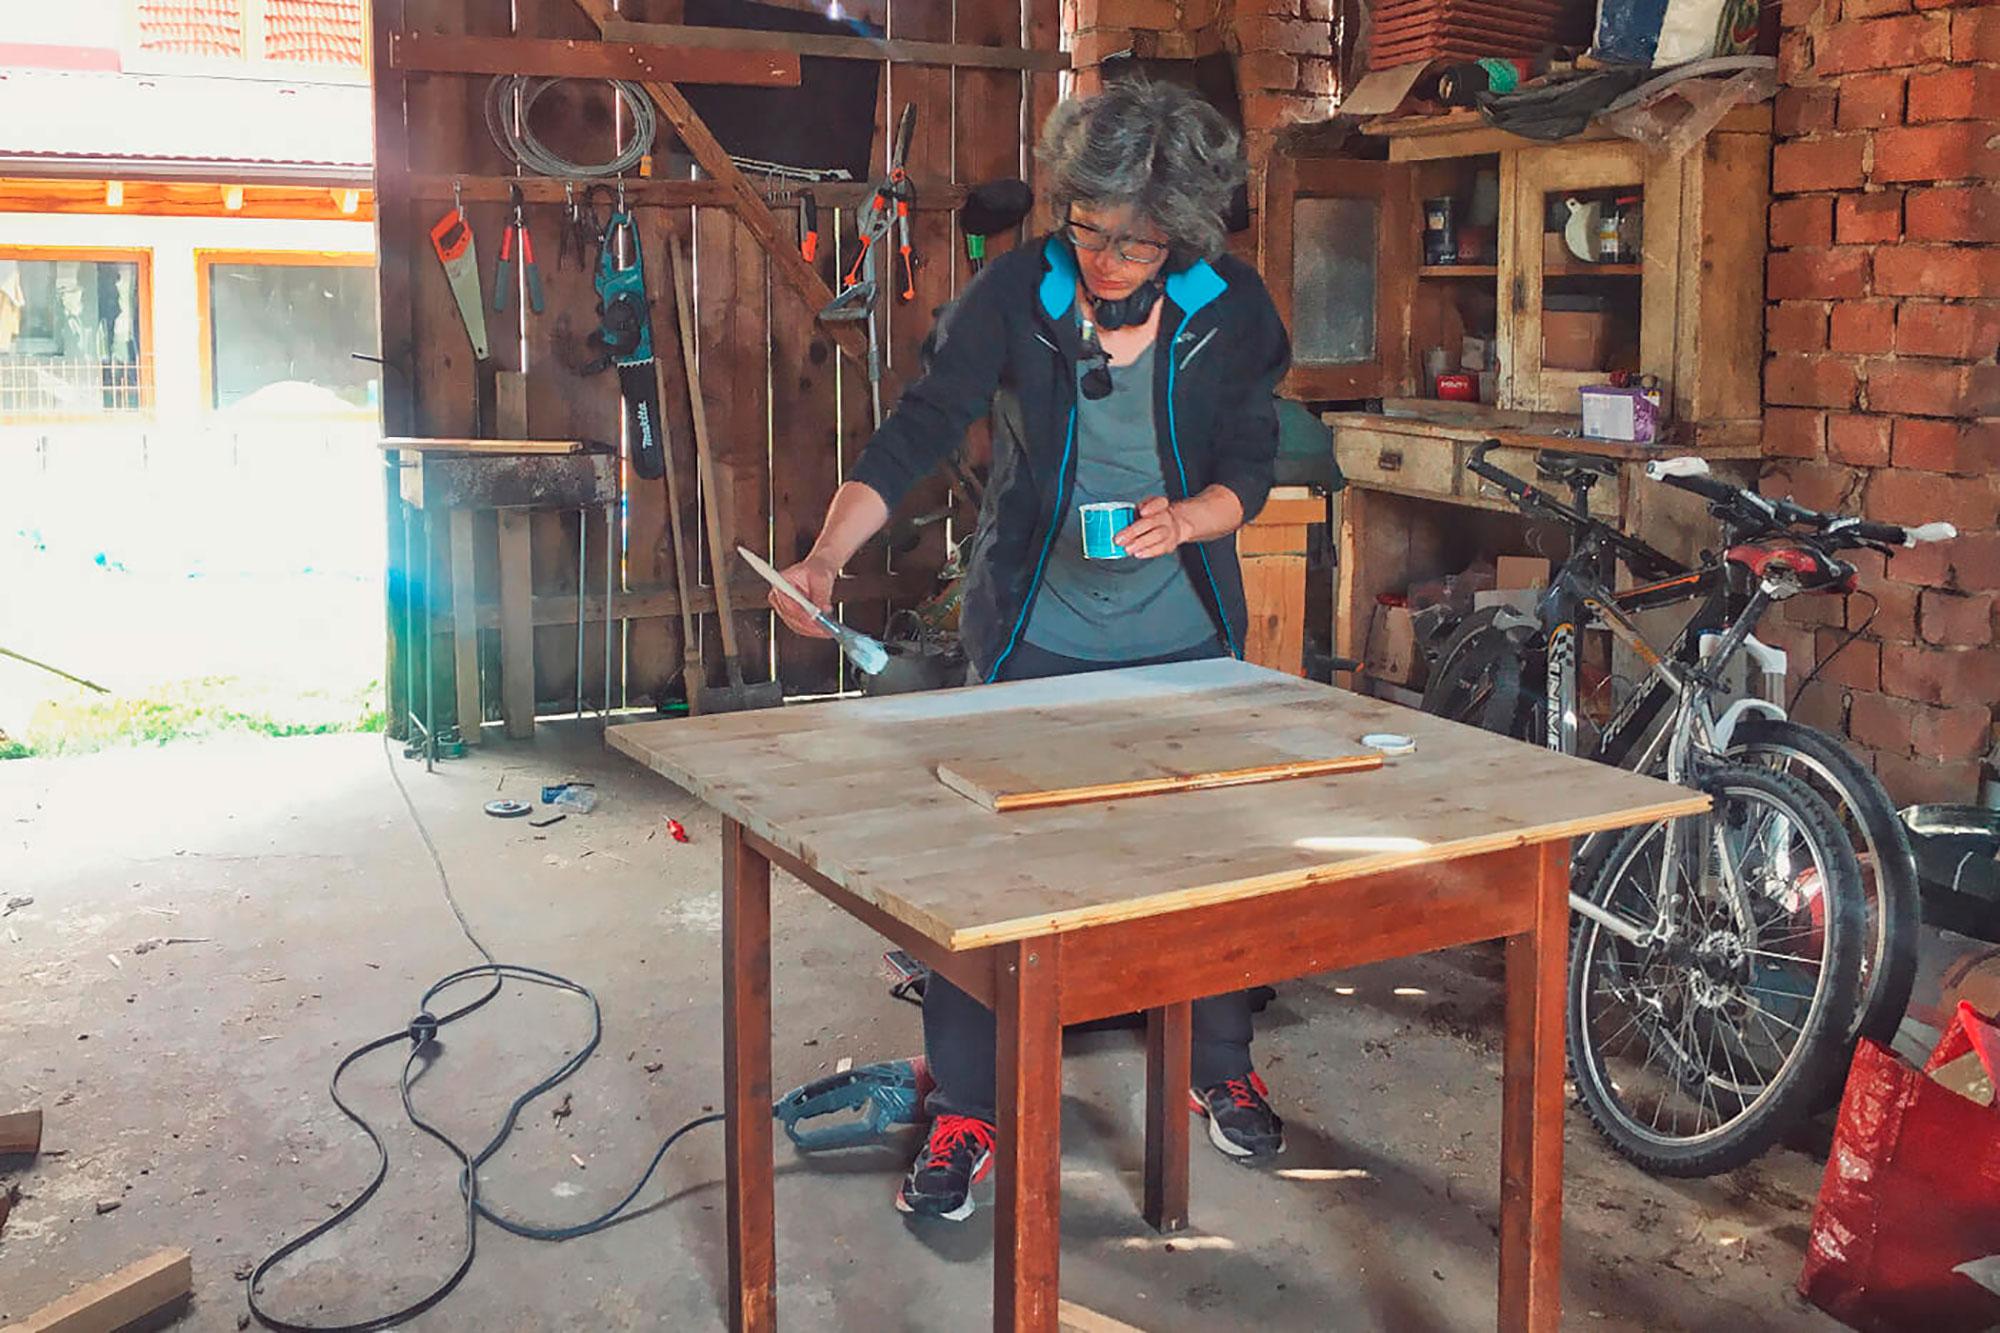 Планируем строительство своего вэна. Сергей практикуется в обработке дерева: сделал стол